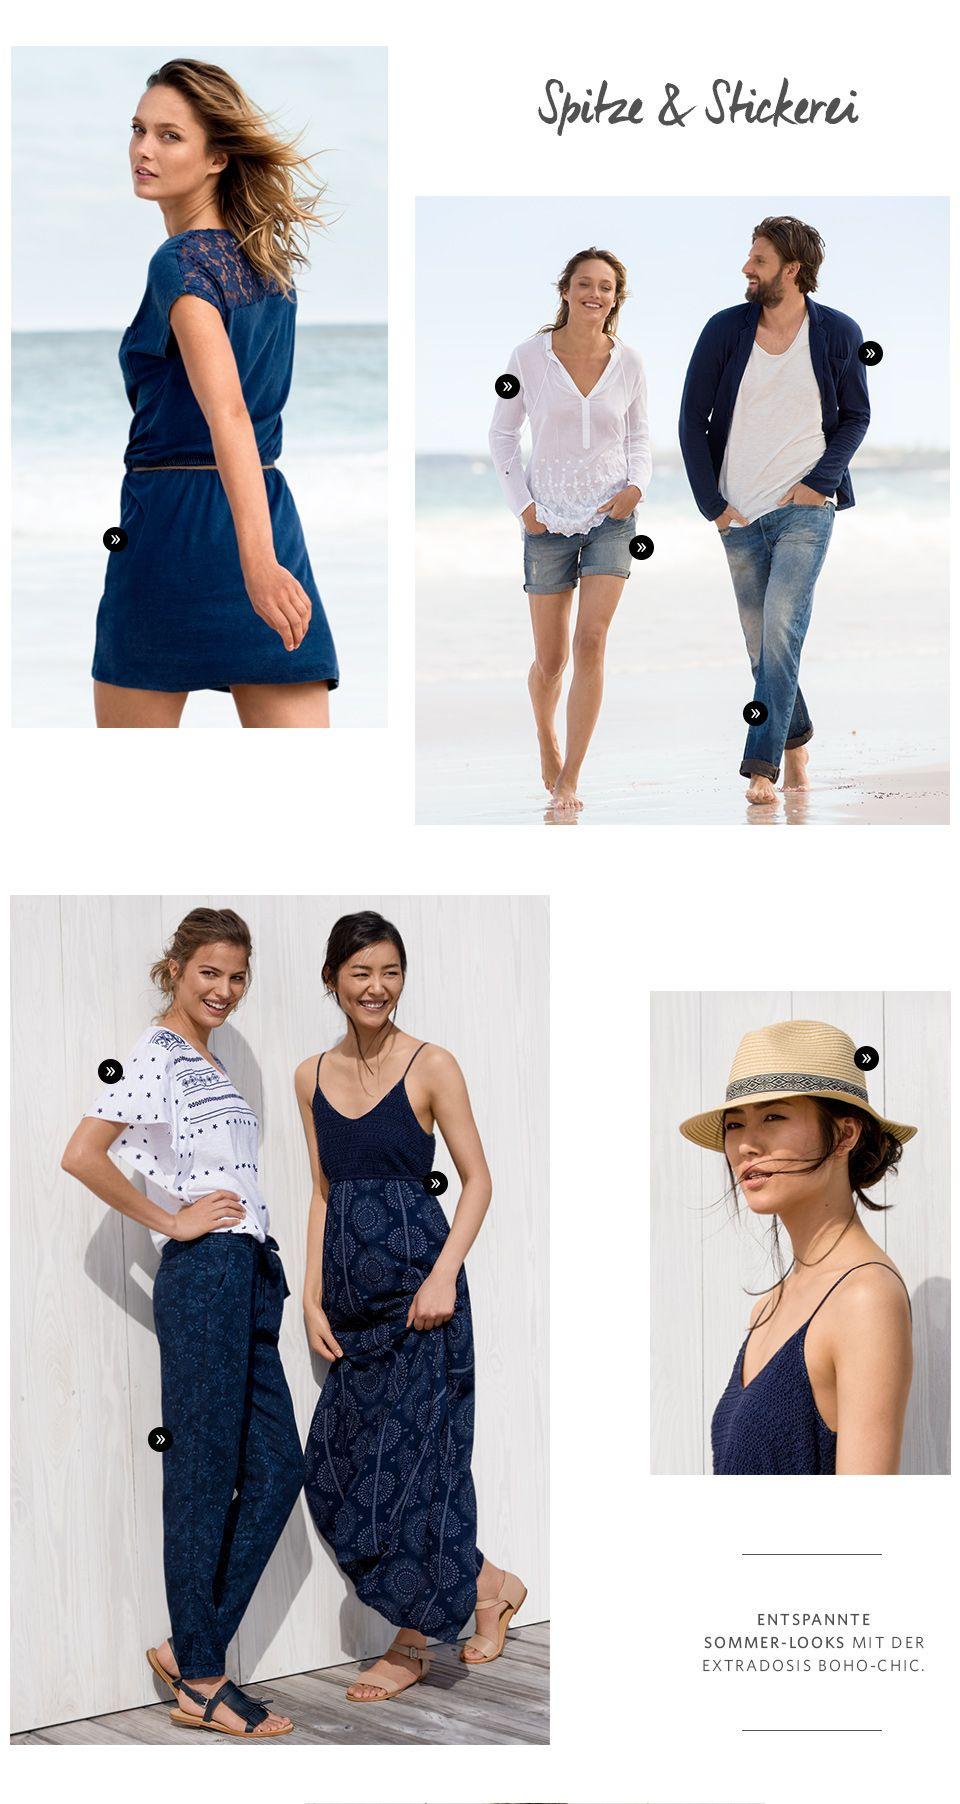 Esprit Onlineshop  Kleidung  Accessoires Für Damen